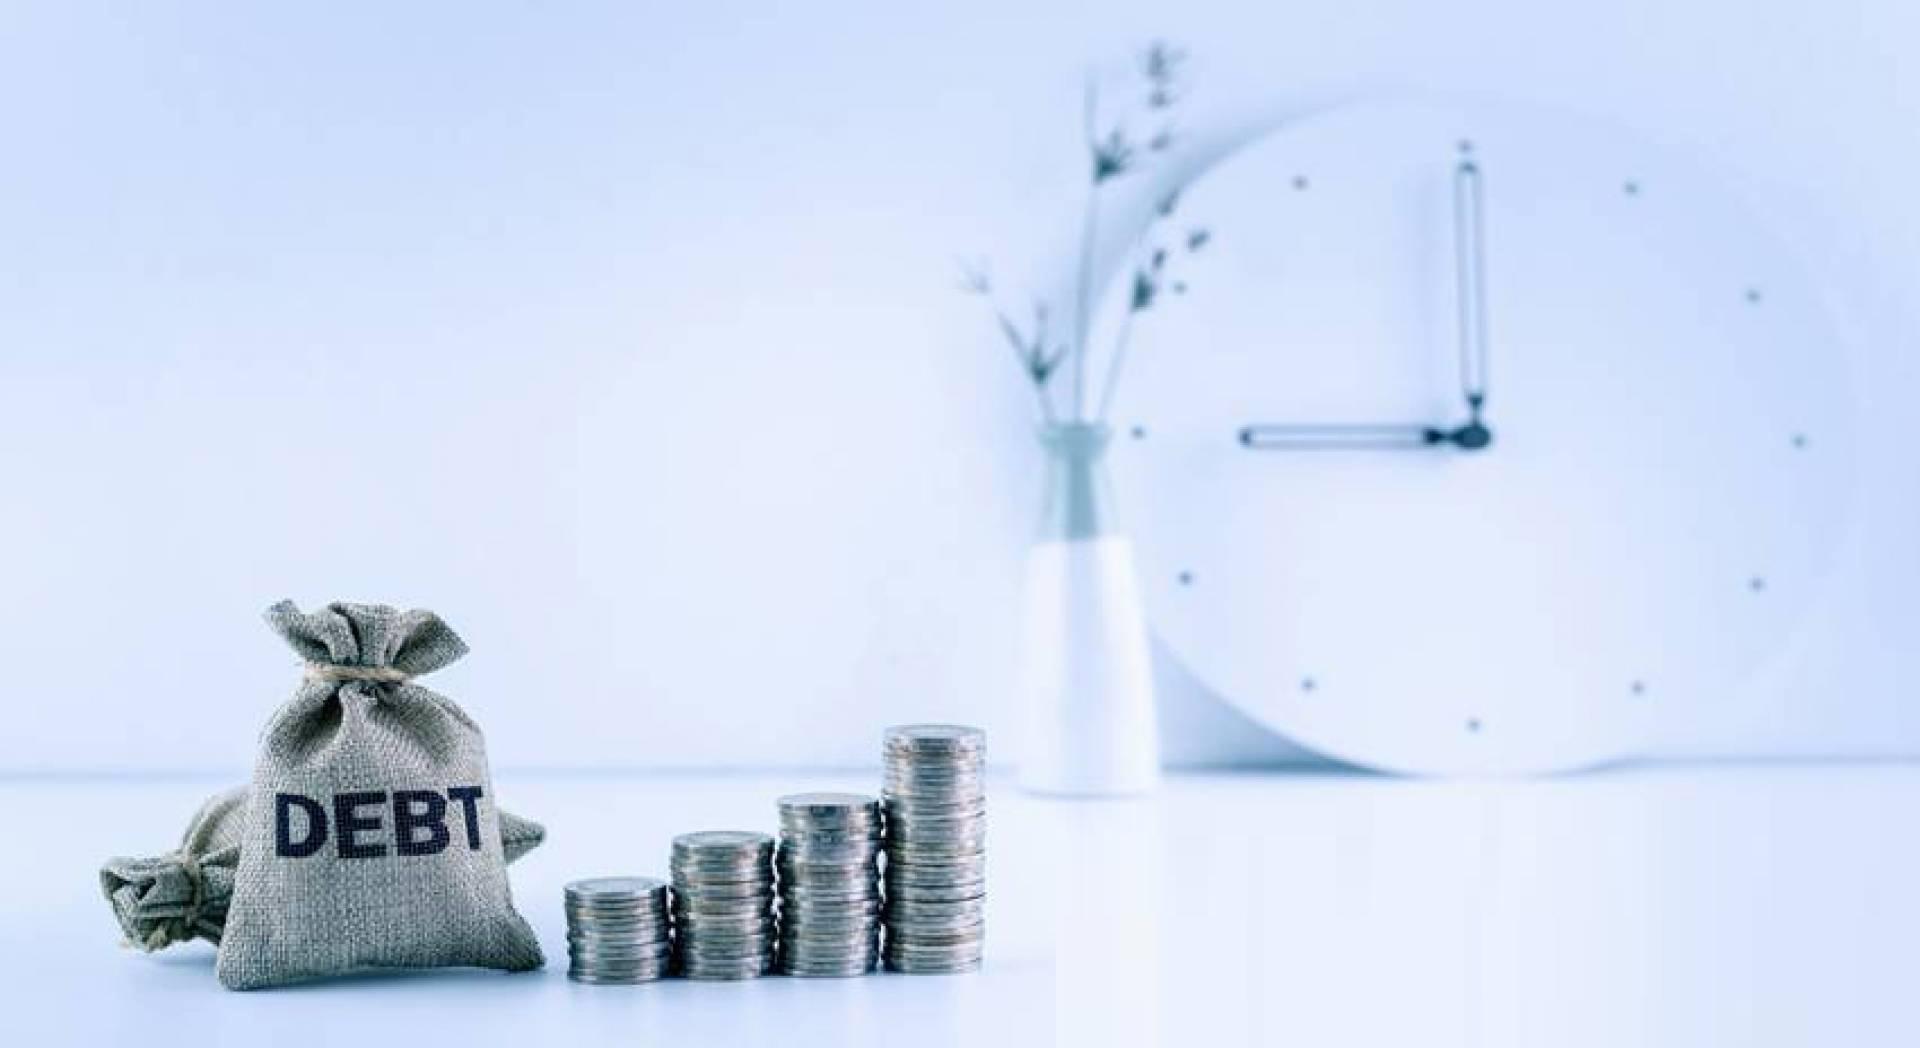 «فايننشال تايمز»: أسواق الديون تستهوي الاقتصادات الناشئة!